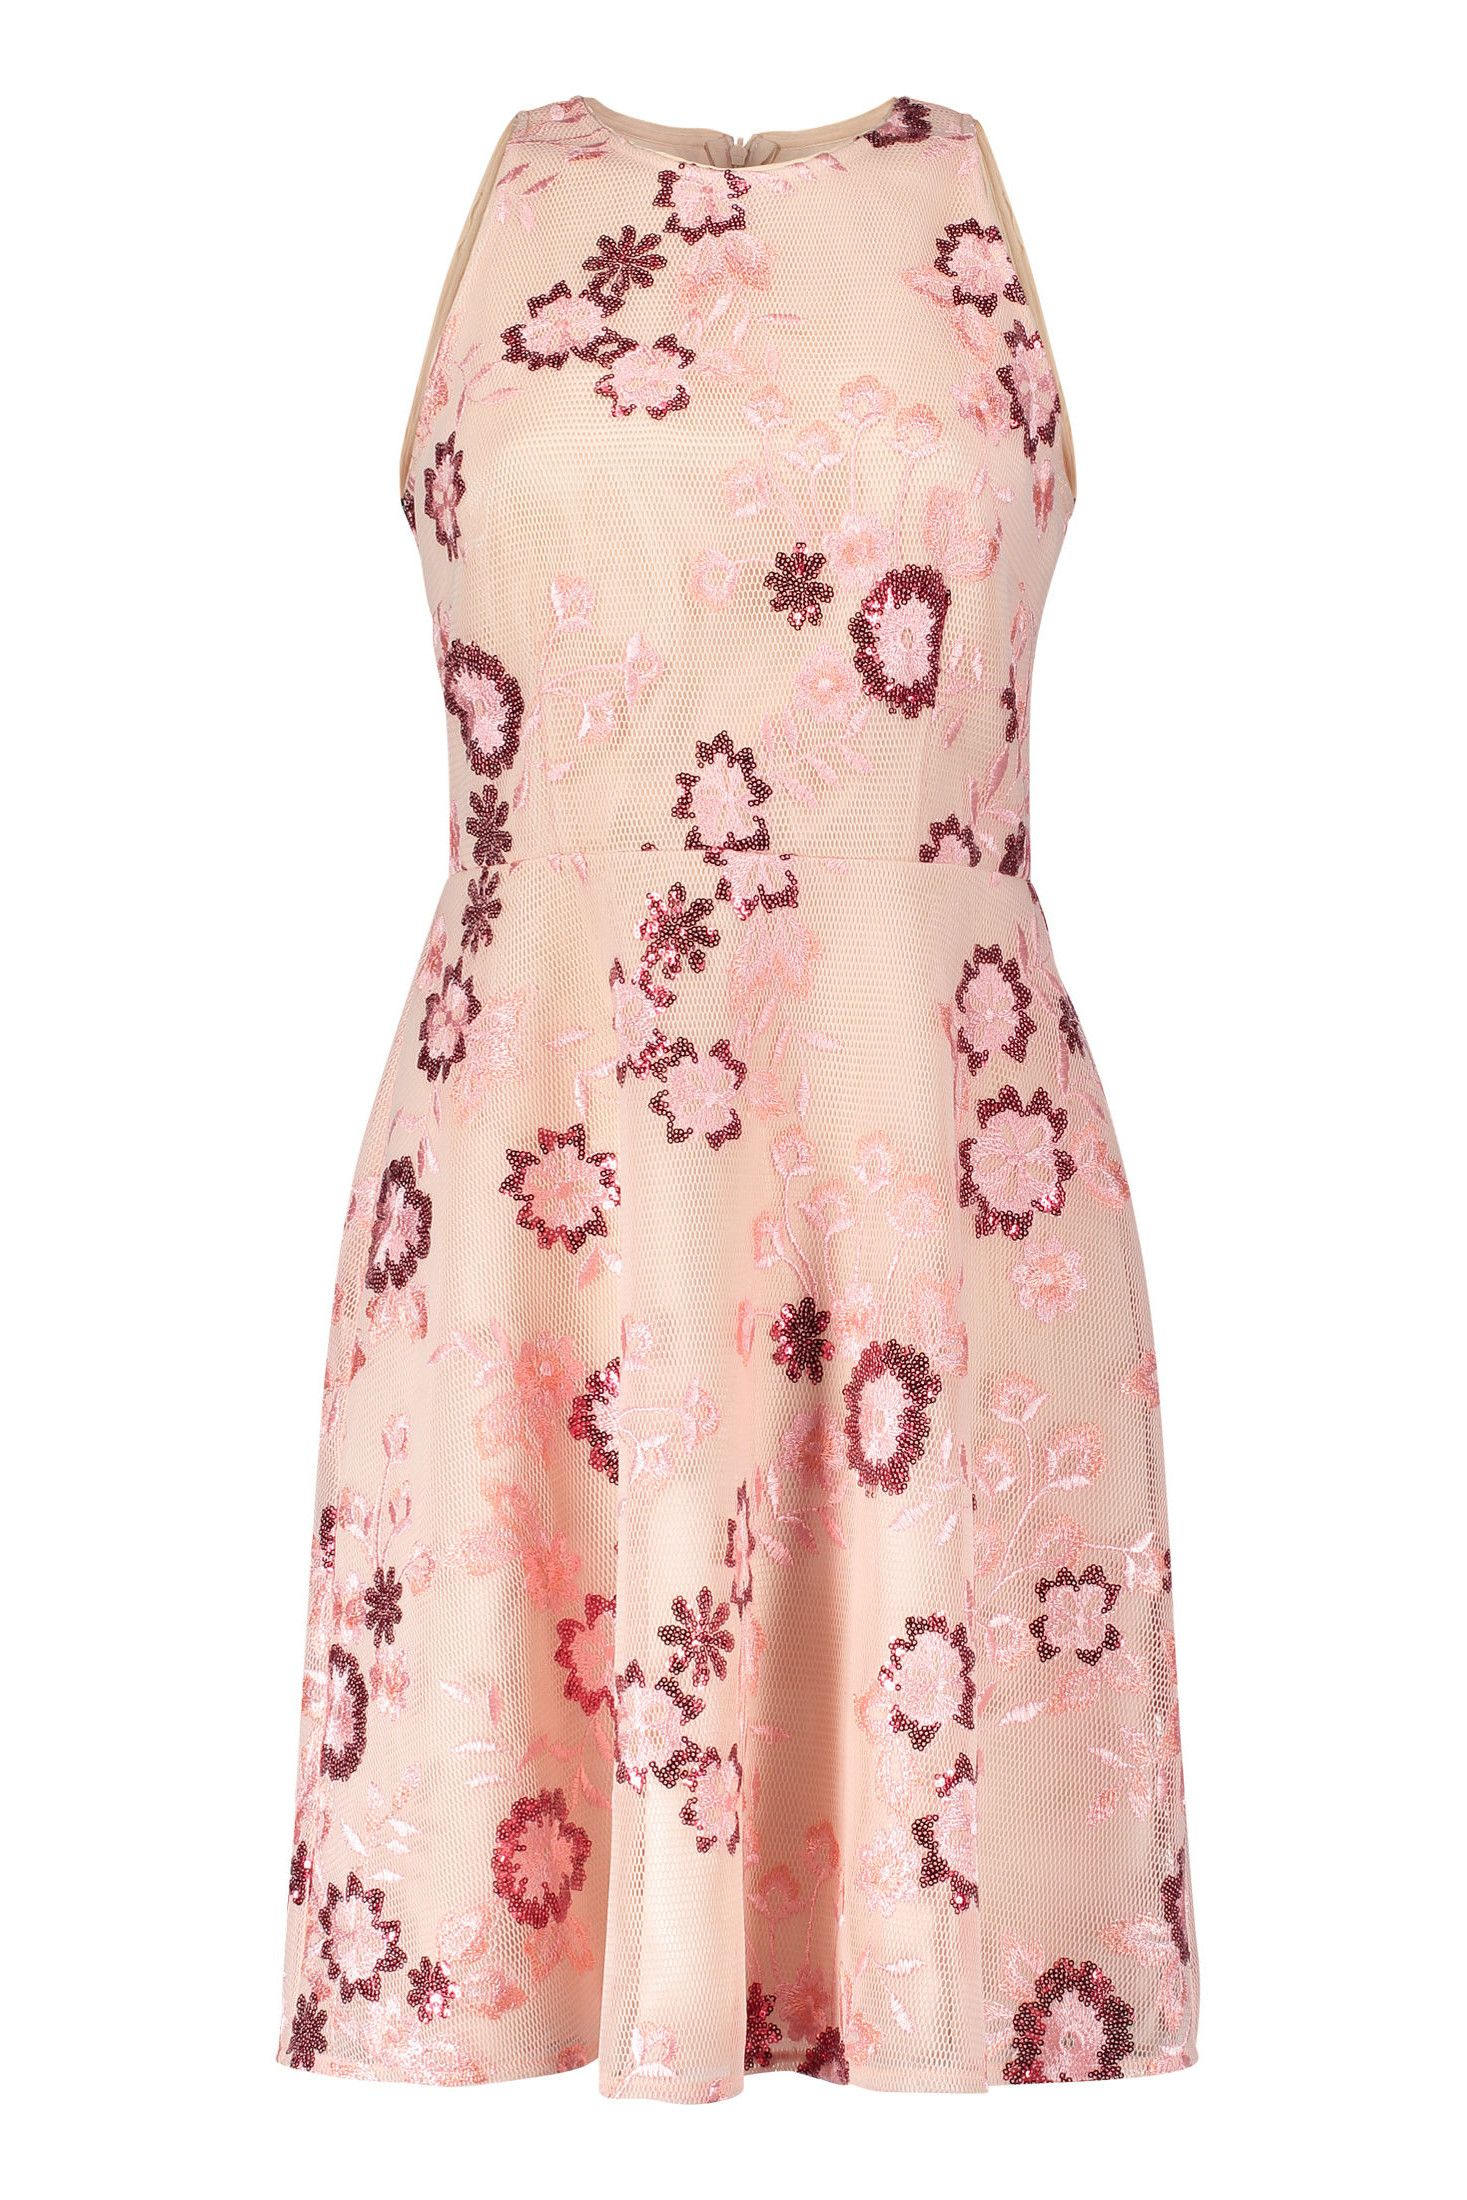 Kleid Blumenmuster Creme Altrosa Vera Mont Mode Bosckens Kleid Blumenmuster Kleider Mode